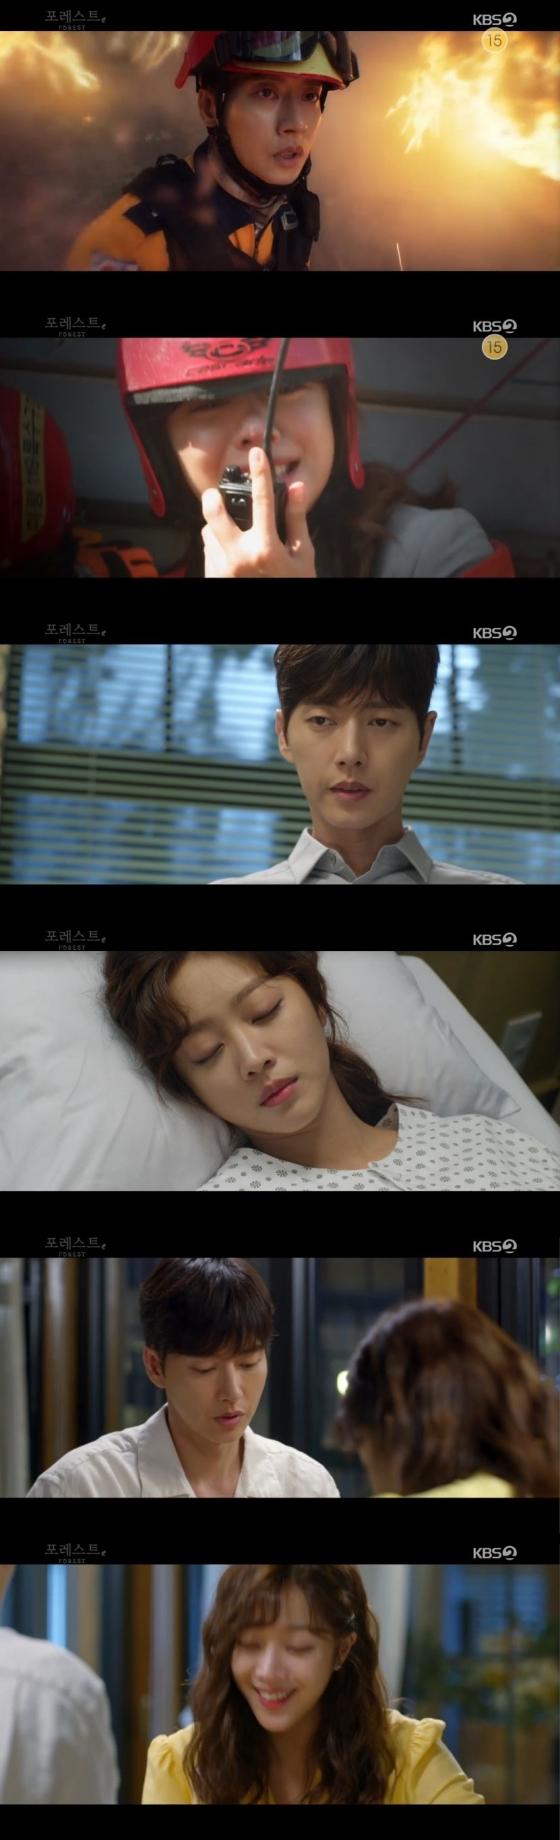 /사진=KBS 2TV 수목드라마 '포레스트' 캡처